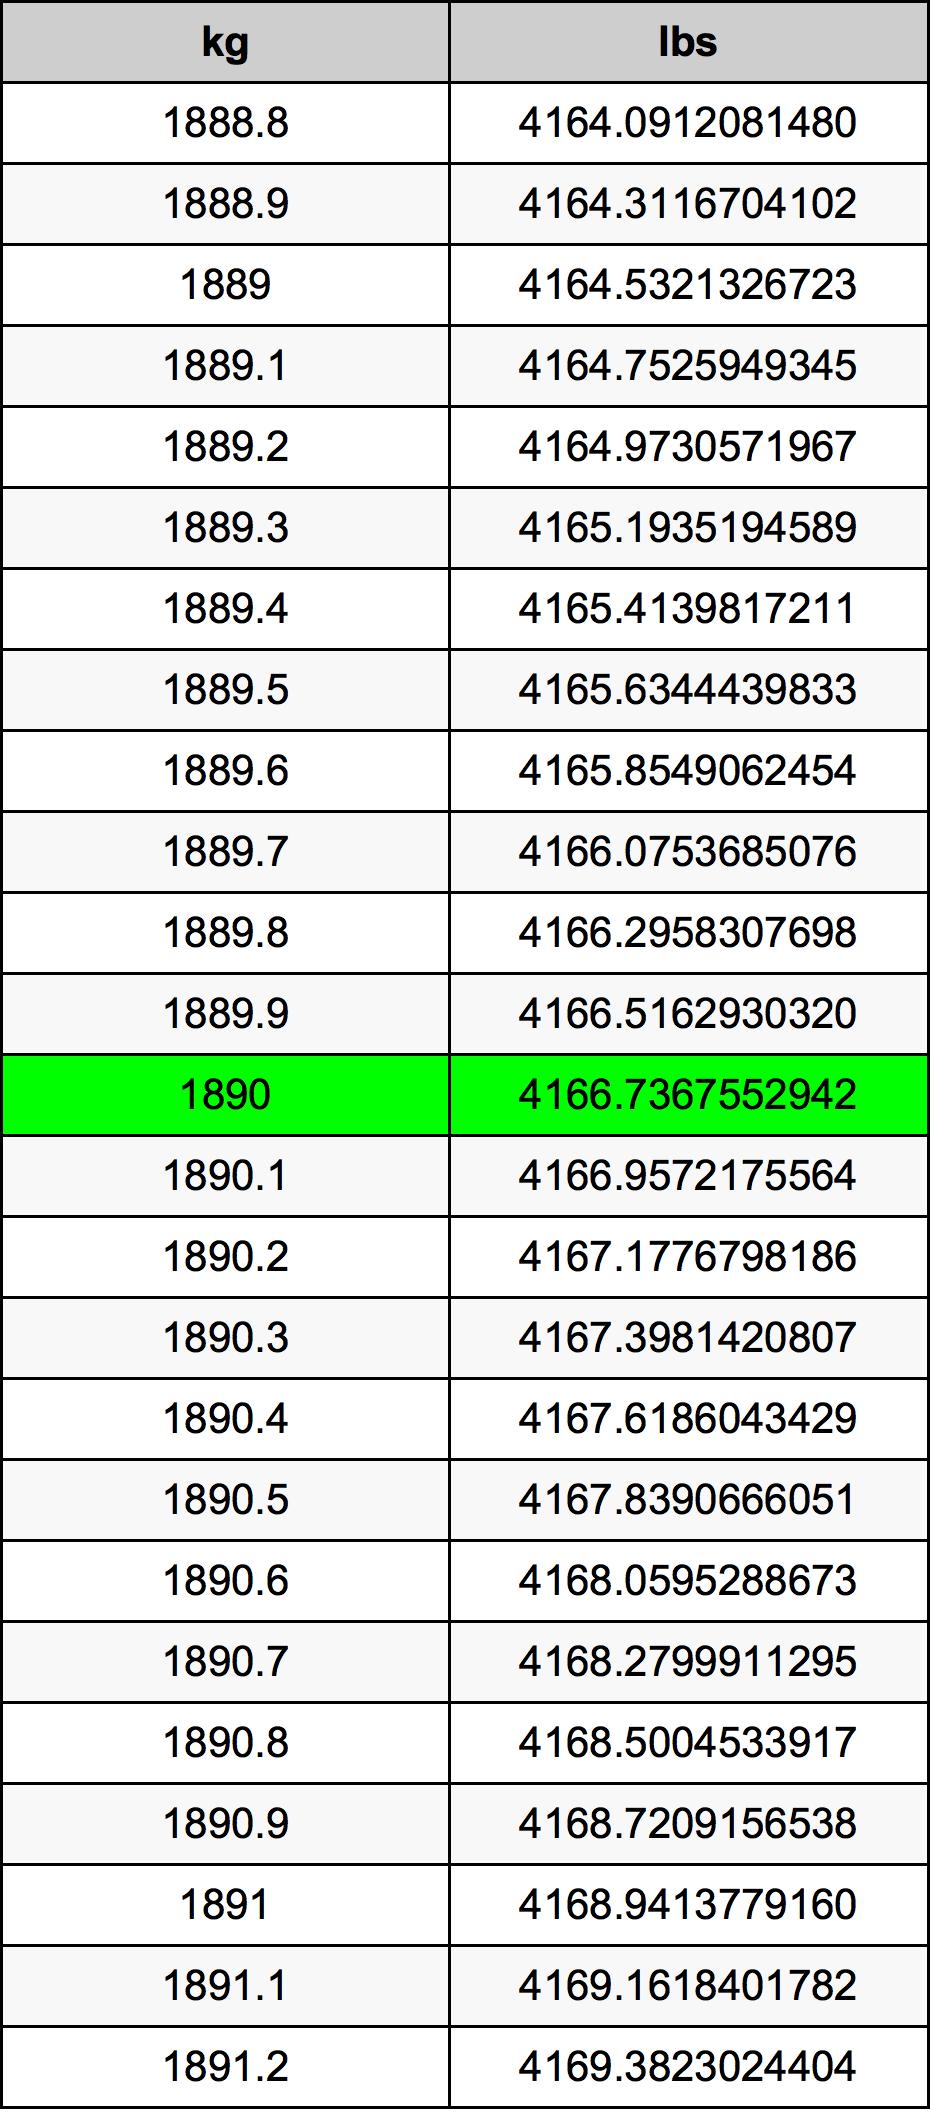 1890 Kilogram Table